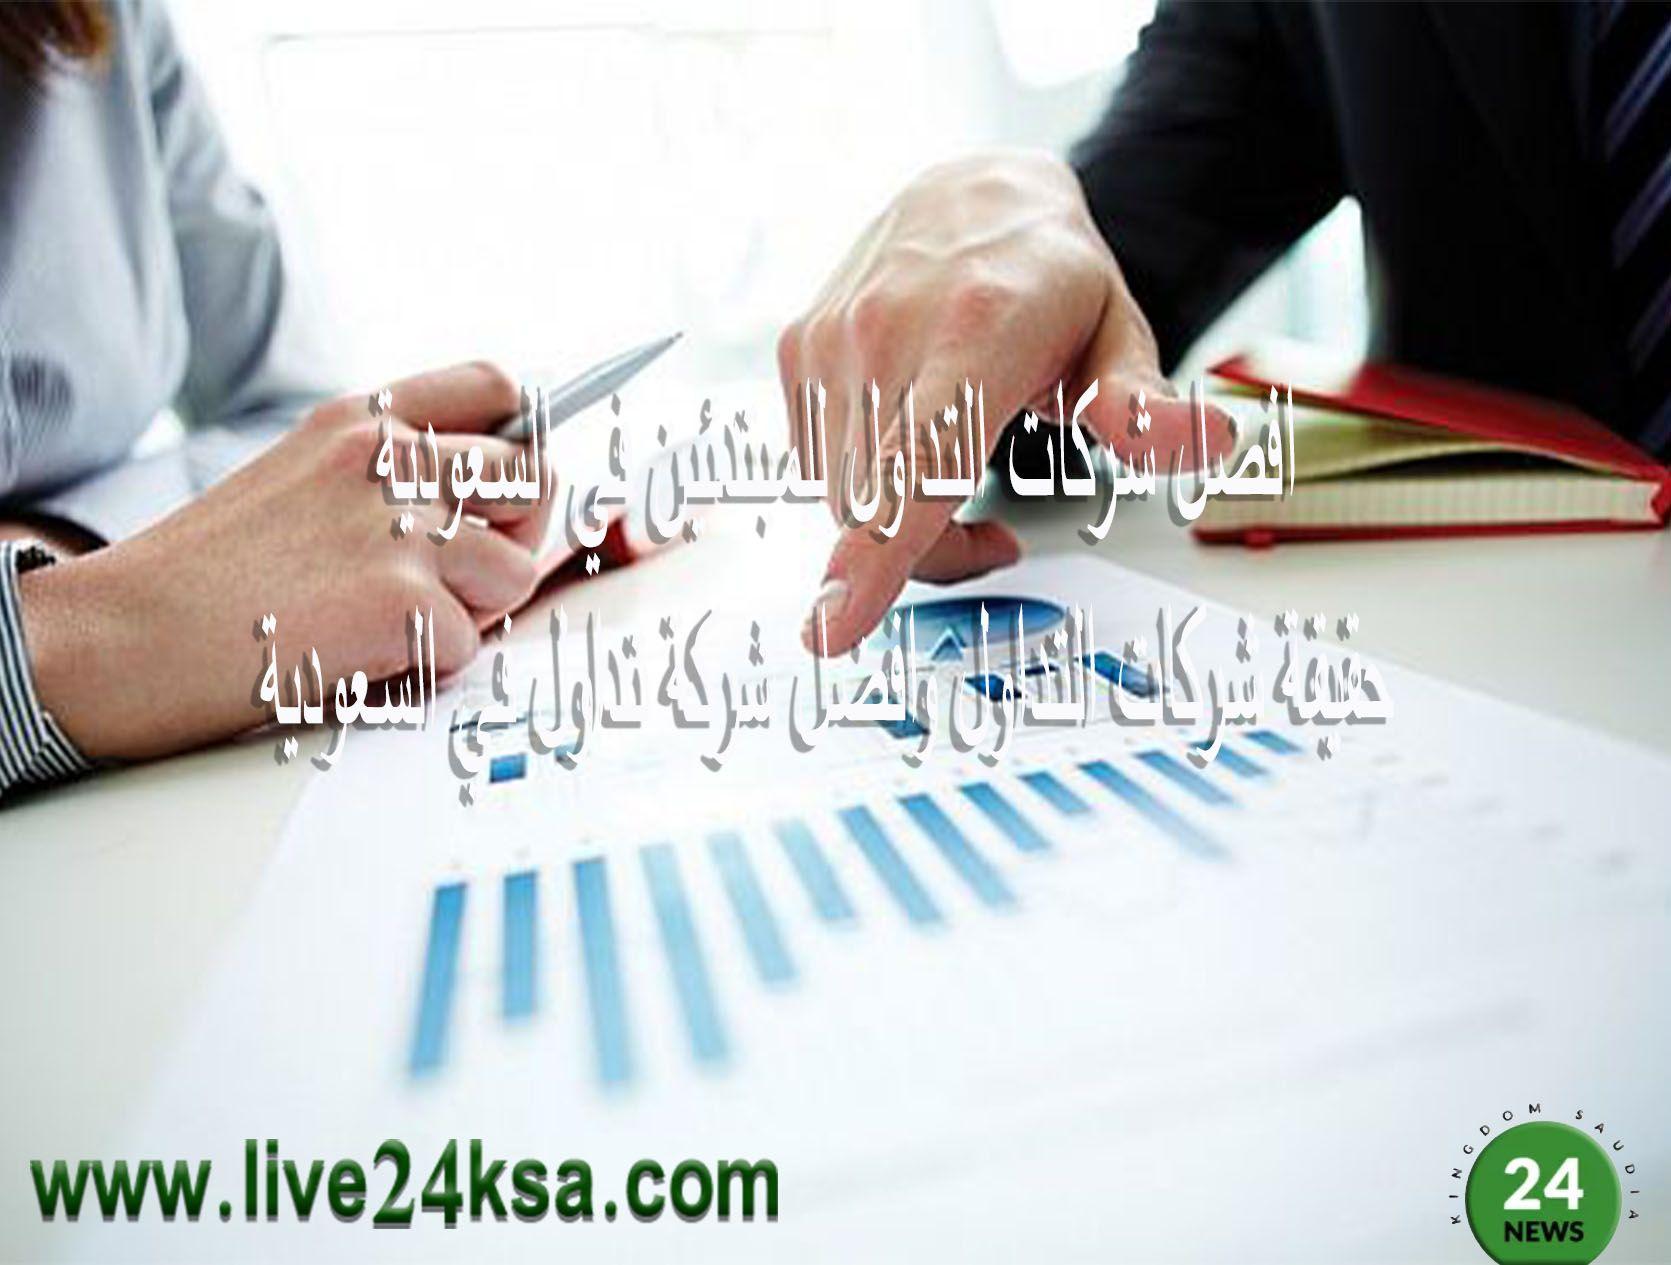 افضل شركات التداول للمبتدئين في السعودية حقيقة شركات التداول وافضل شركة تداول في السعودية Playing Cards Cards